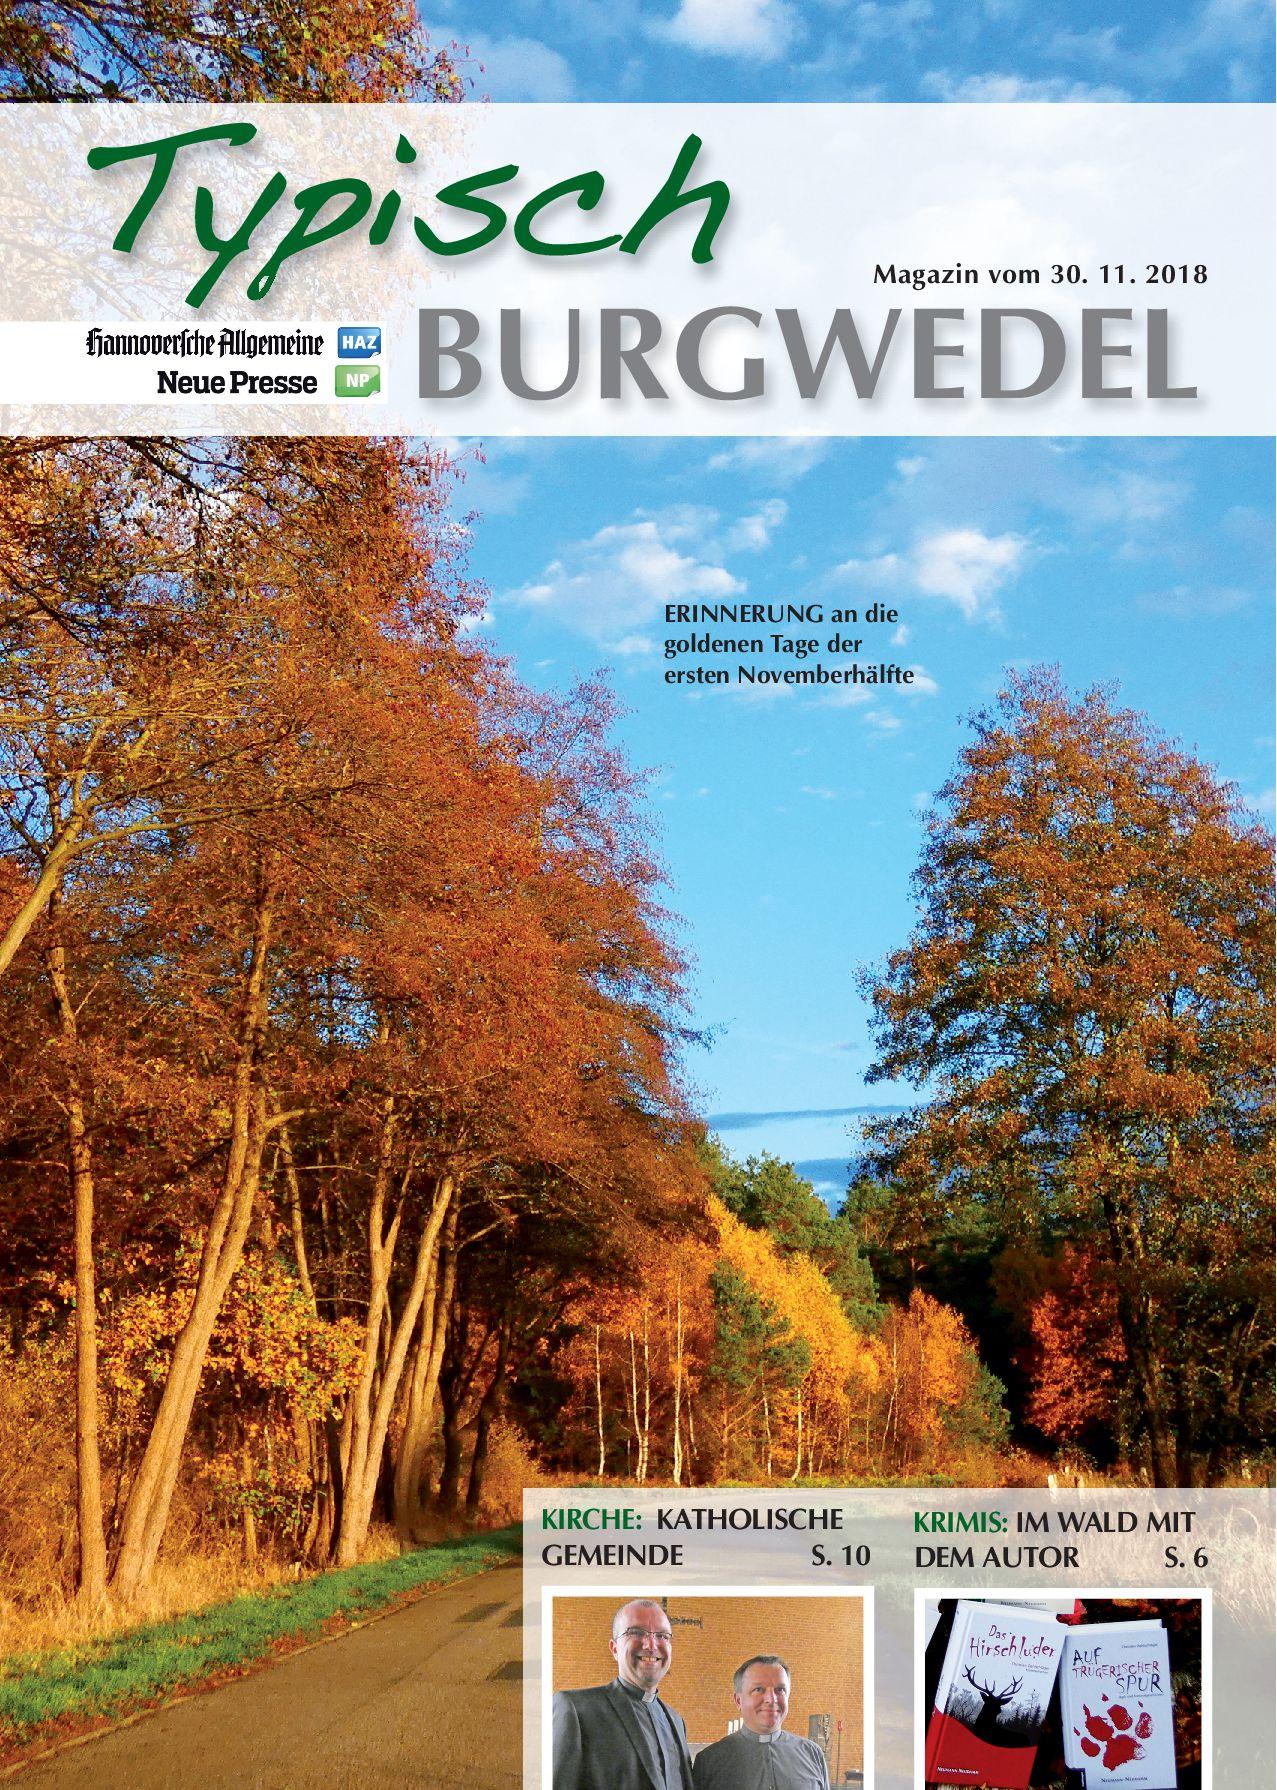 burgwedel-vom-30-11-2018